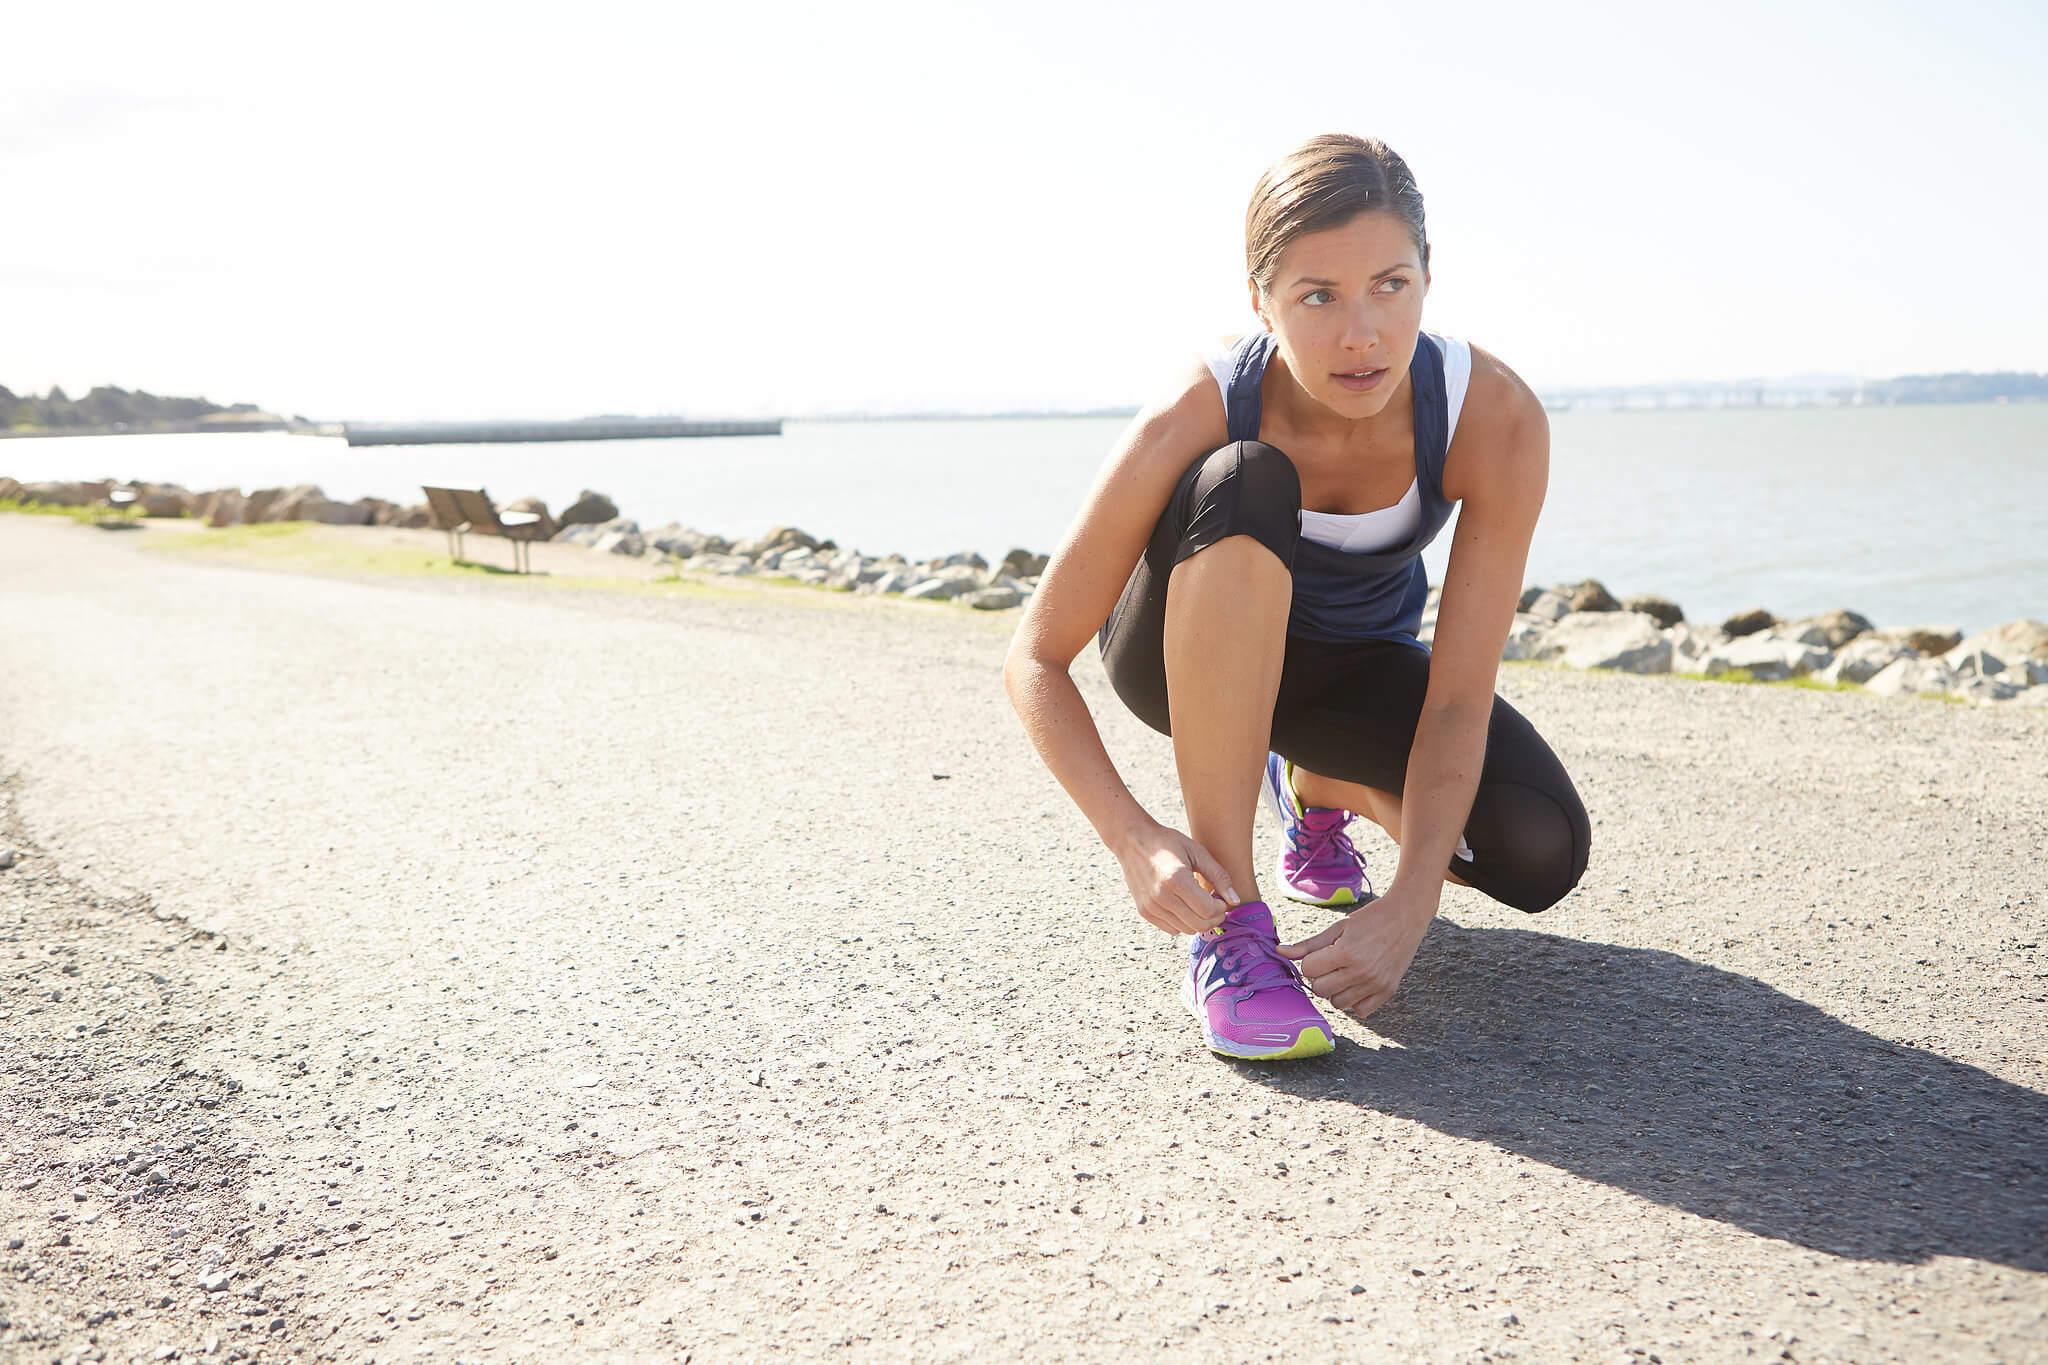 что делать если болят мышцы при беге